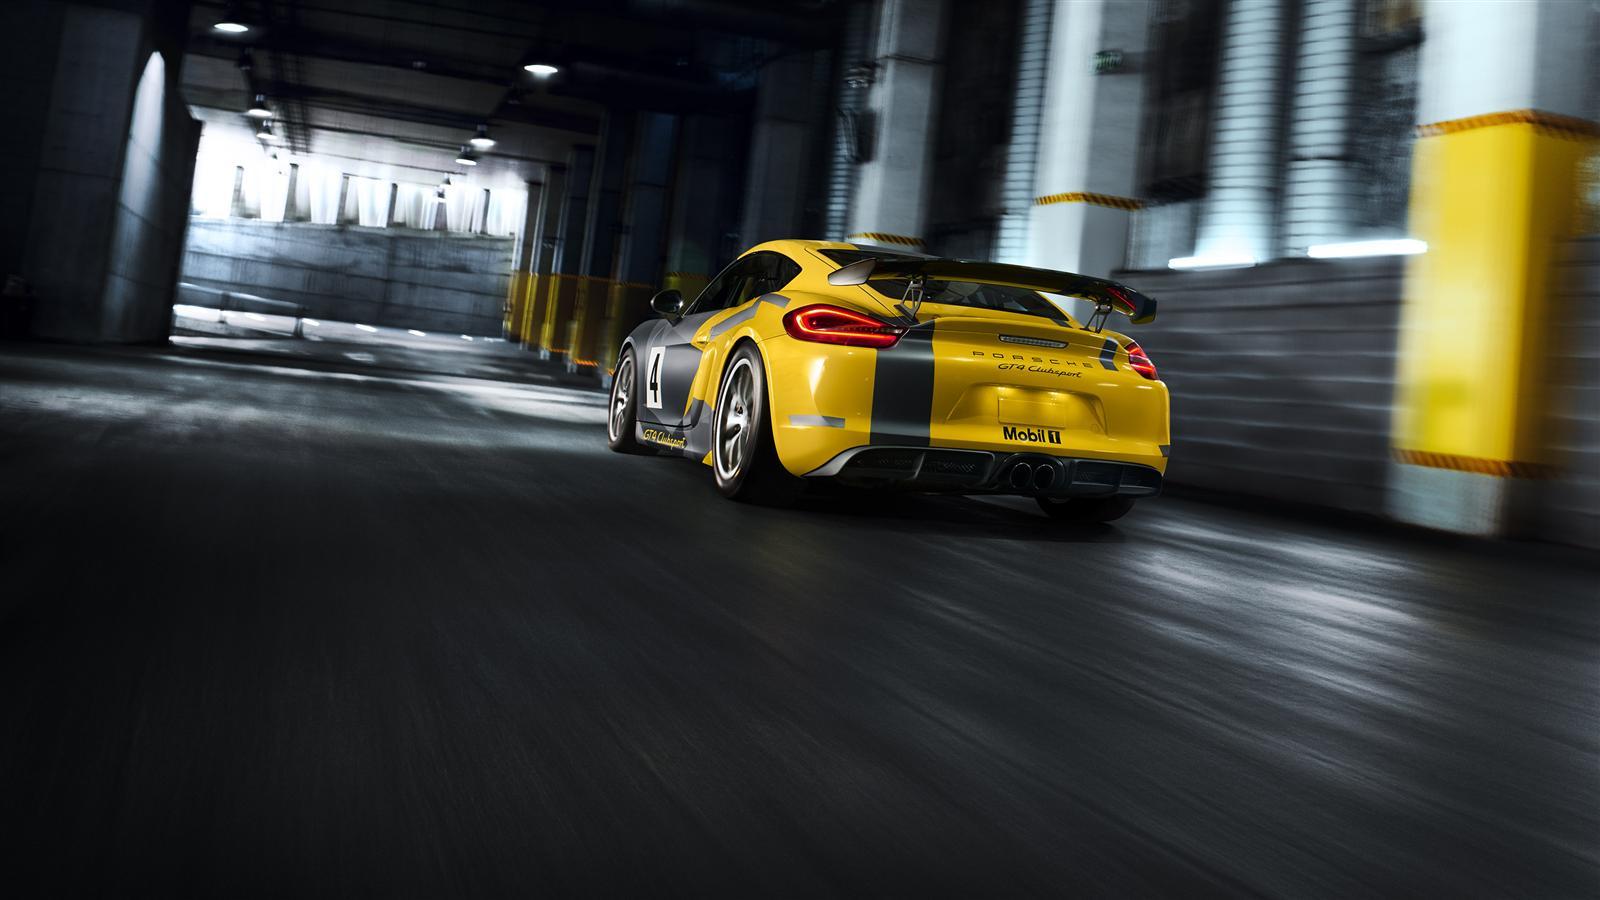 Porsche Cayman GT4 Clubsport - 2015 - arrière / rear